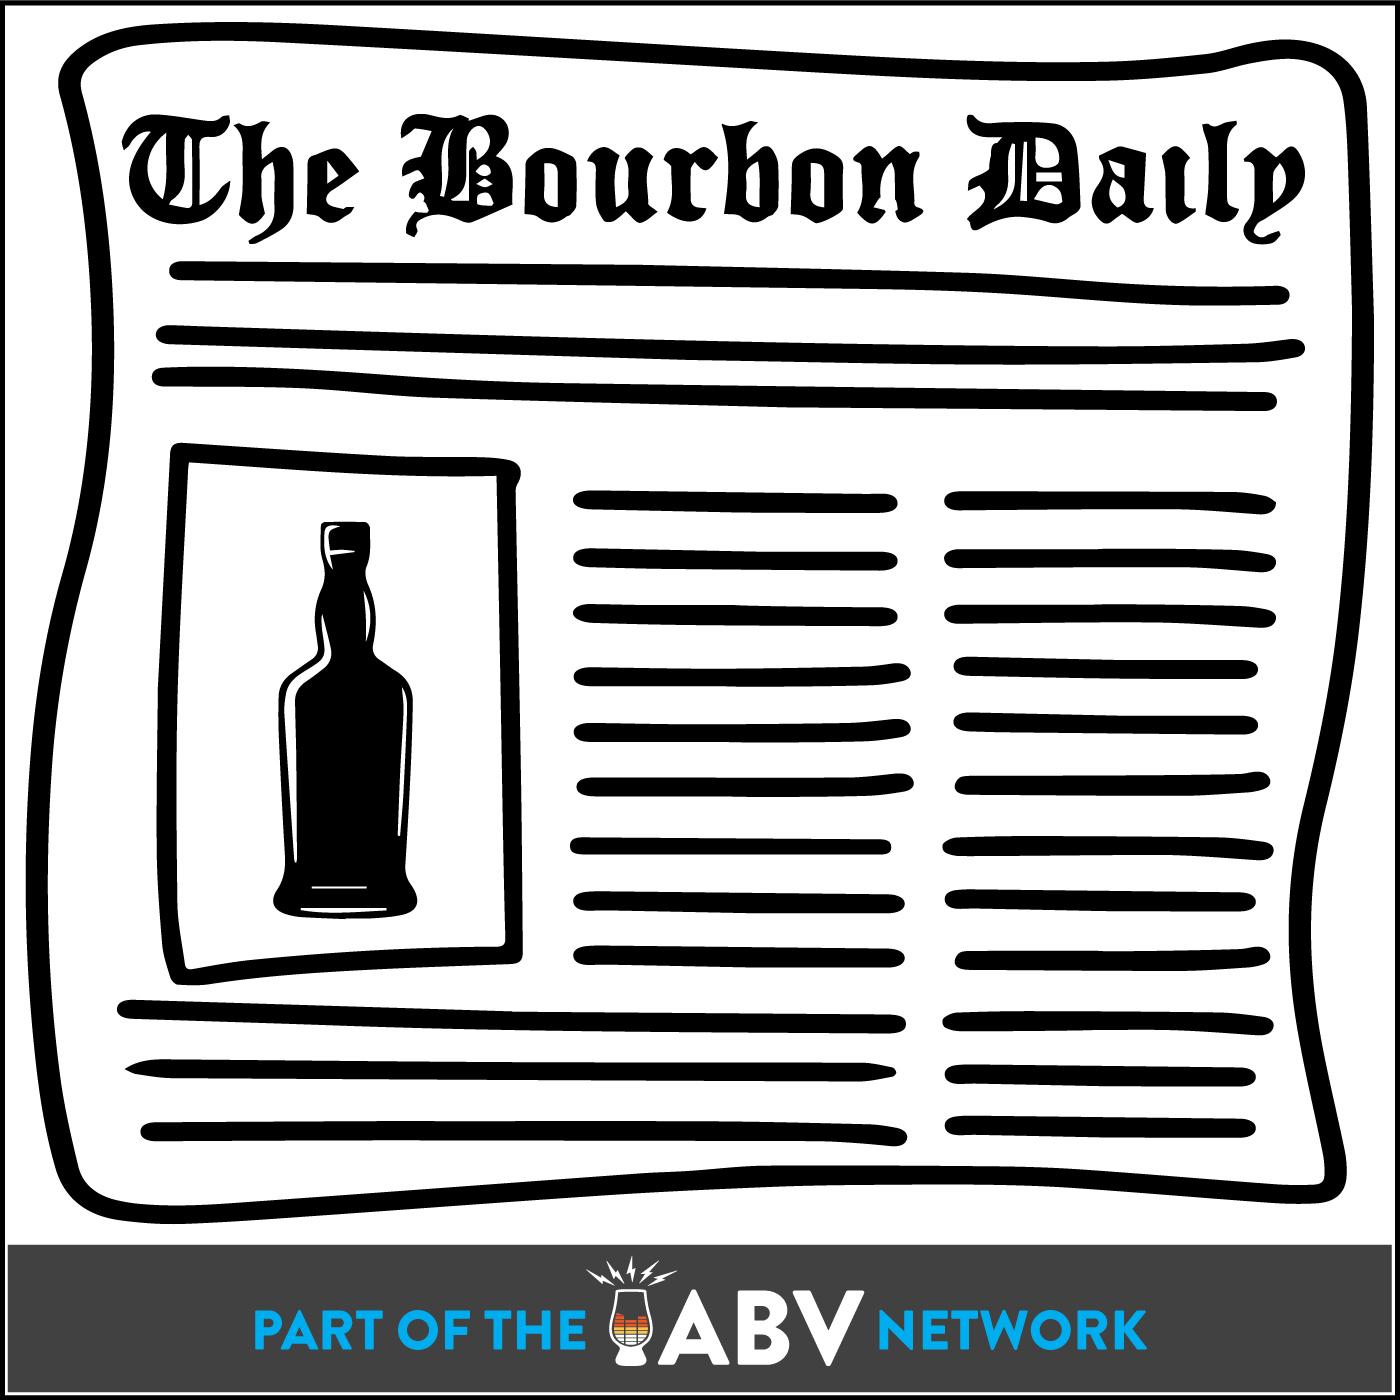 Artwork for Show #121: The Bourbon Slush